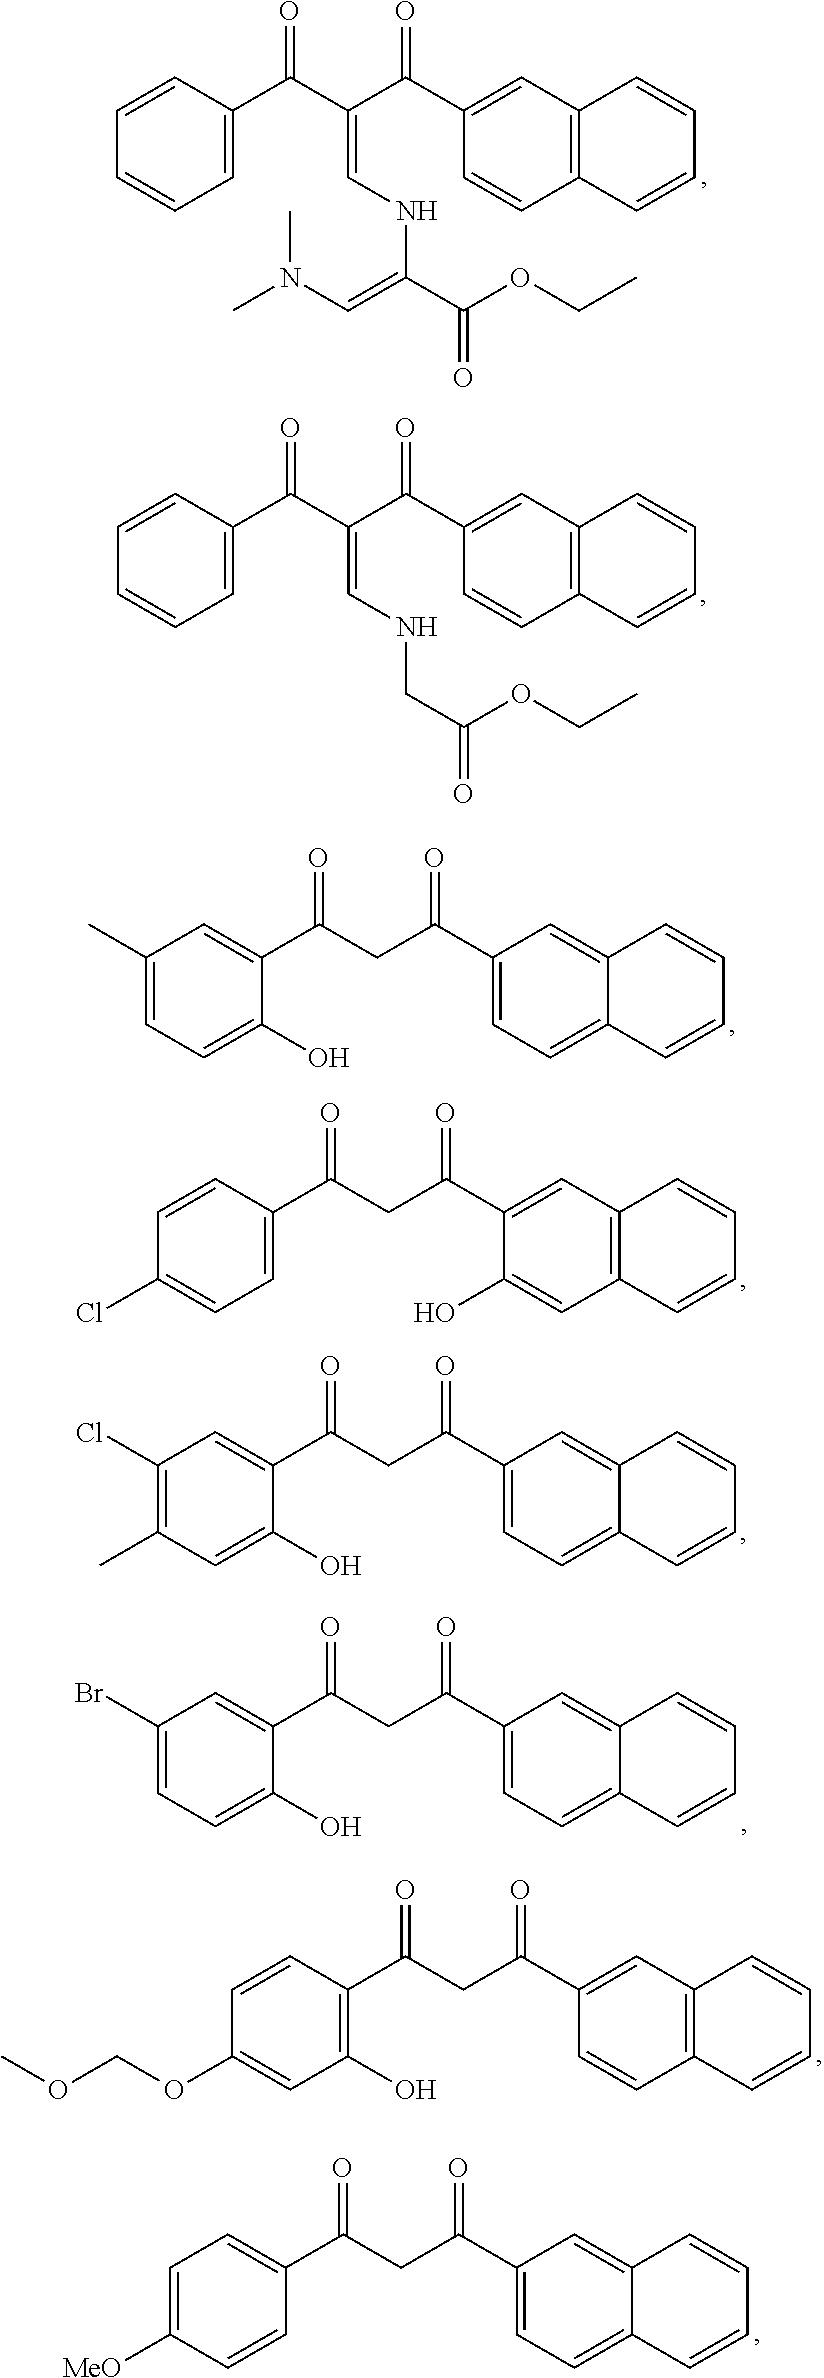 Figure US07955861-20110607-C00034